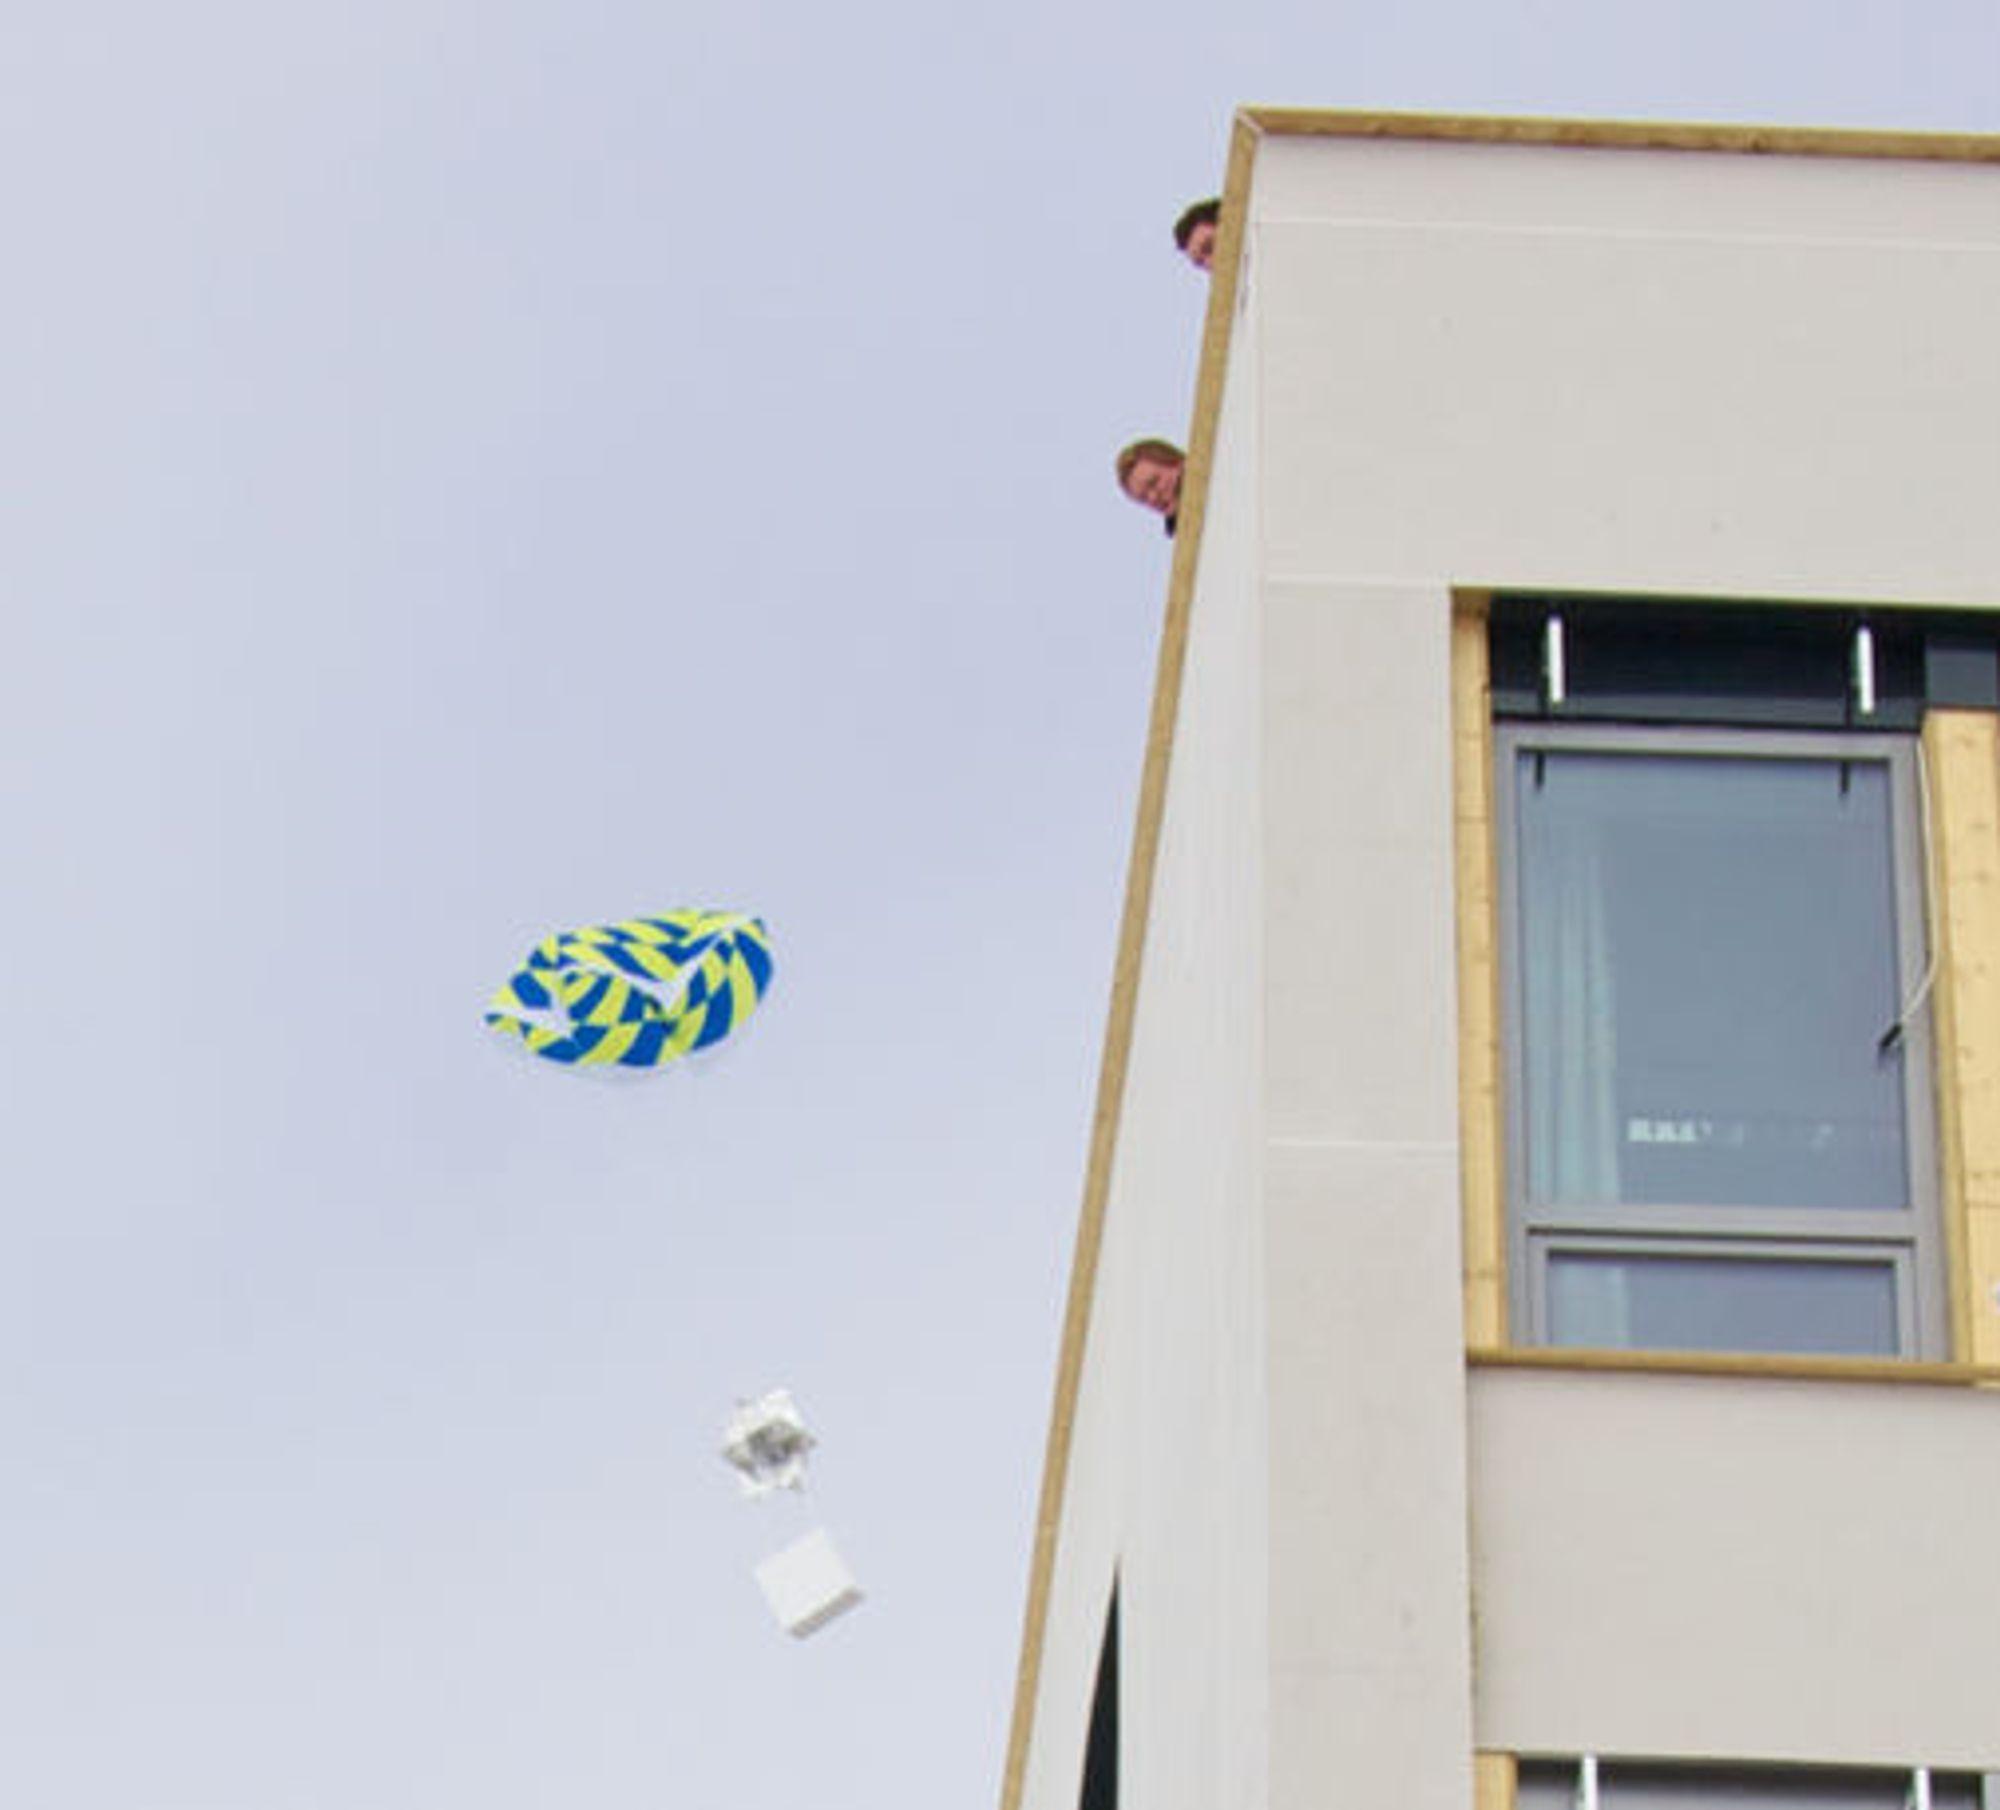 Testslipp av lasten. Øverst en fallskjerm, deretter en radarreflektor og nederst en isoporeske med mobilen inni.